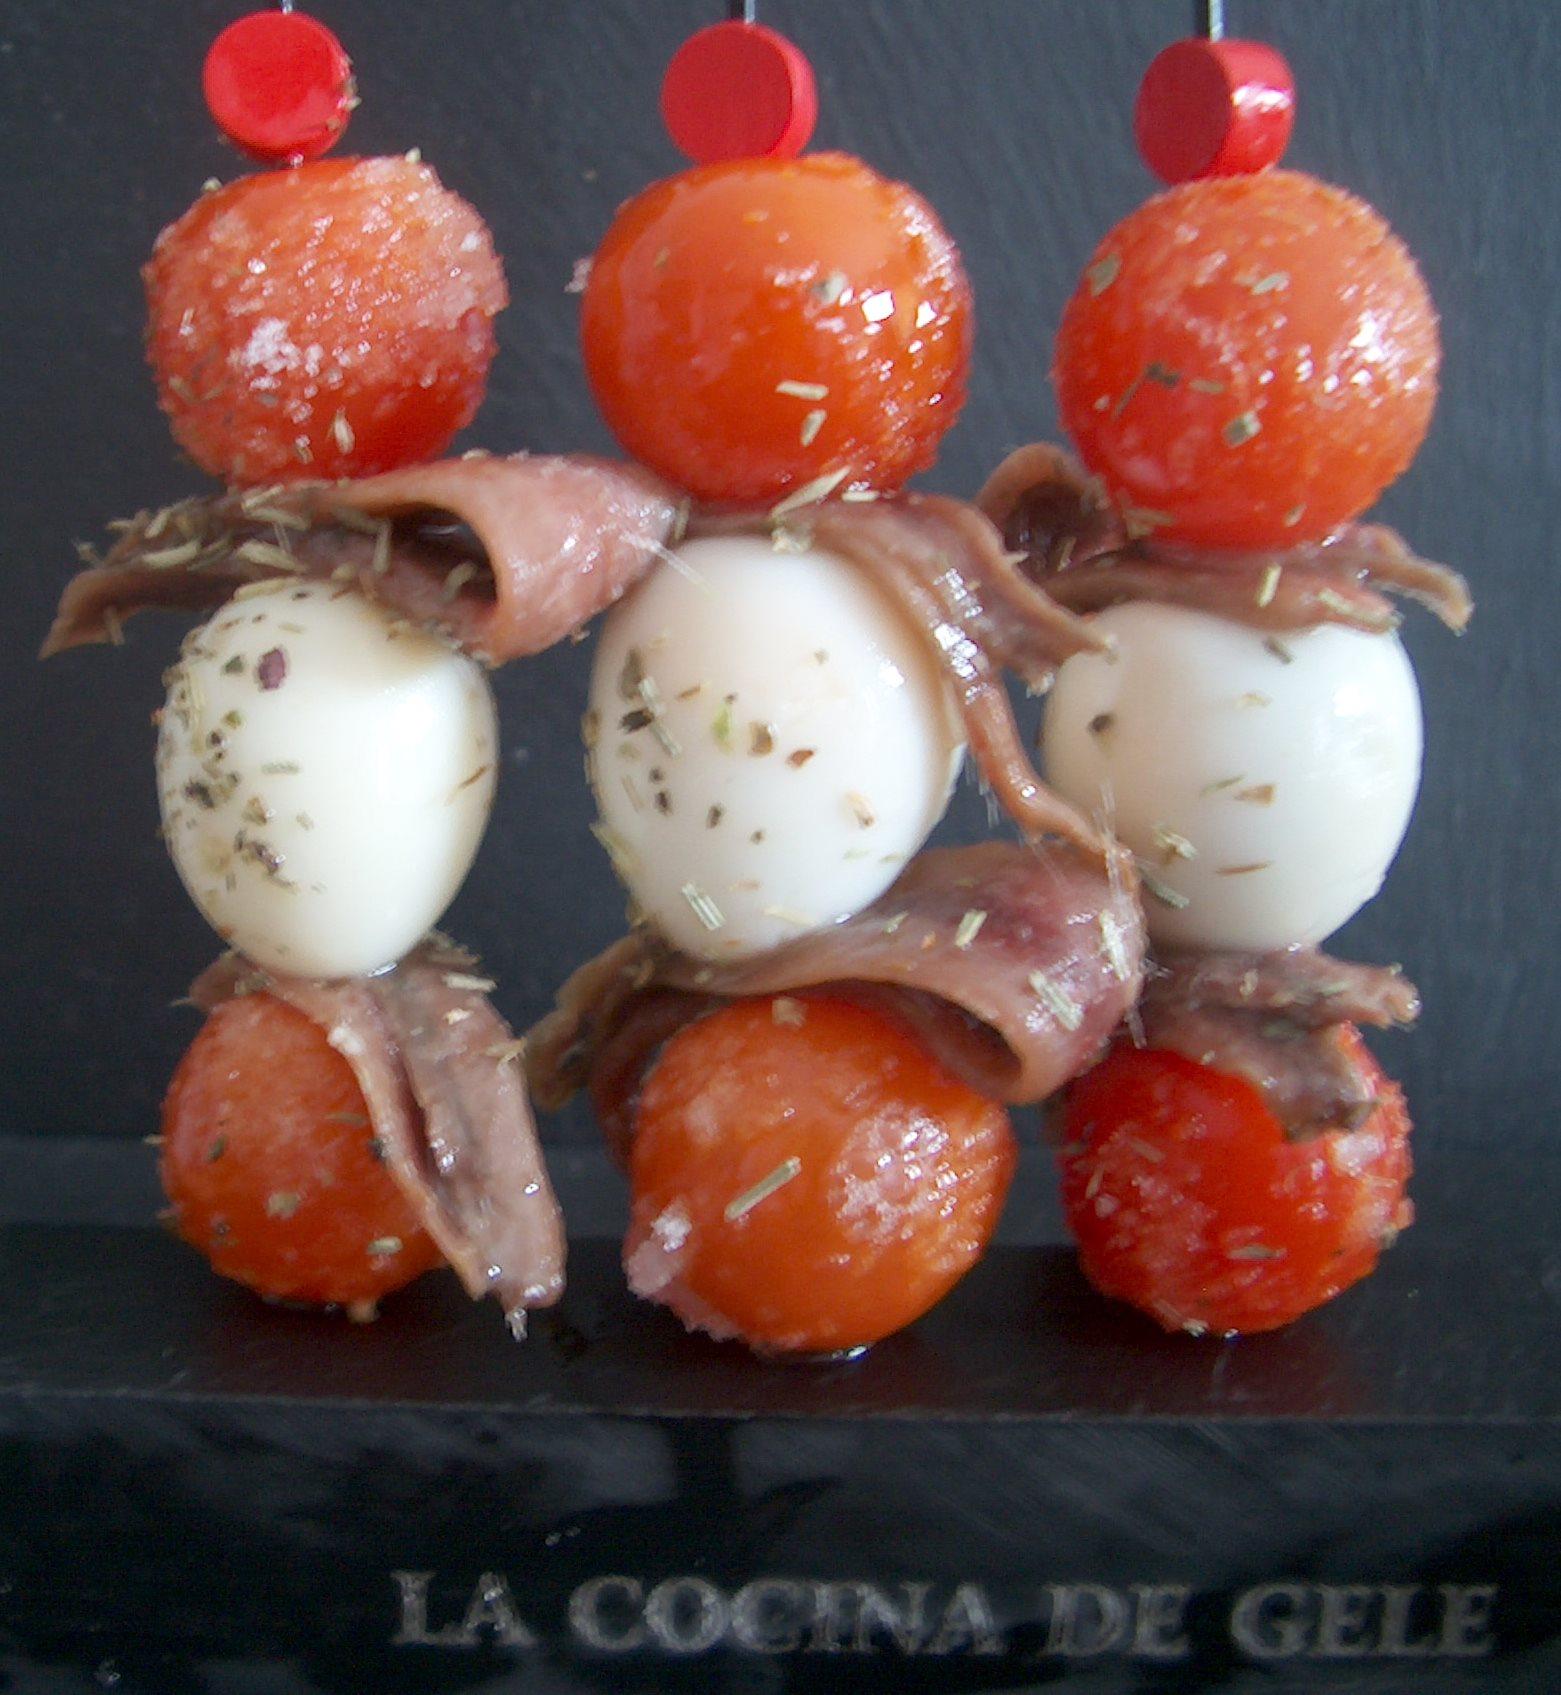 Canapé navideño: Brocheta de tomate glaseado y anchoas